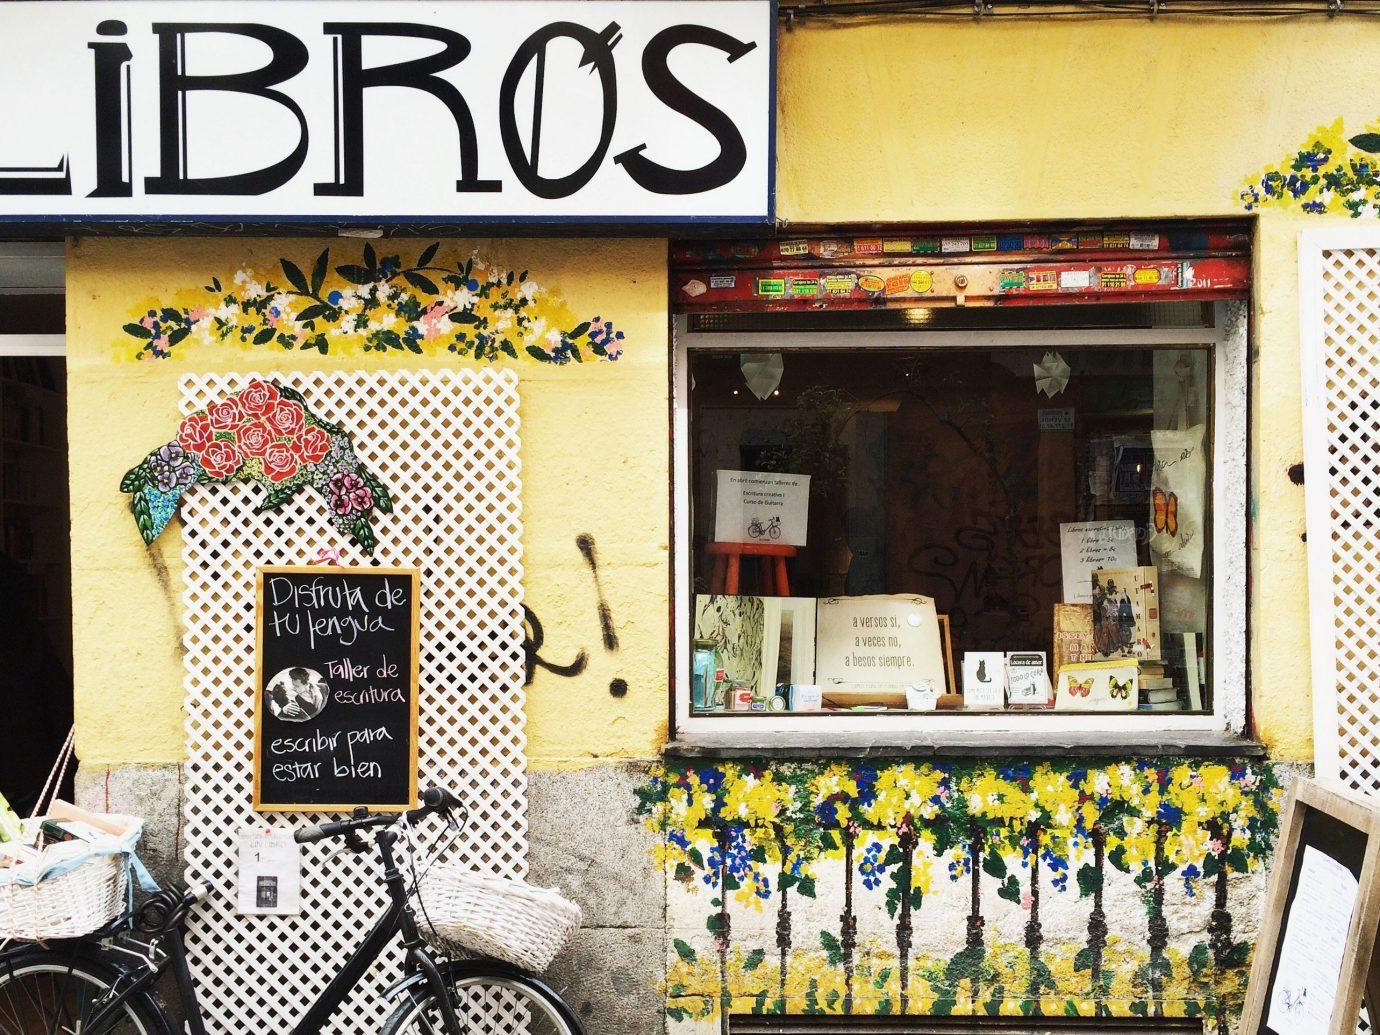 Trip Ideas restaurant cluttered